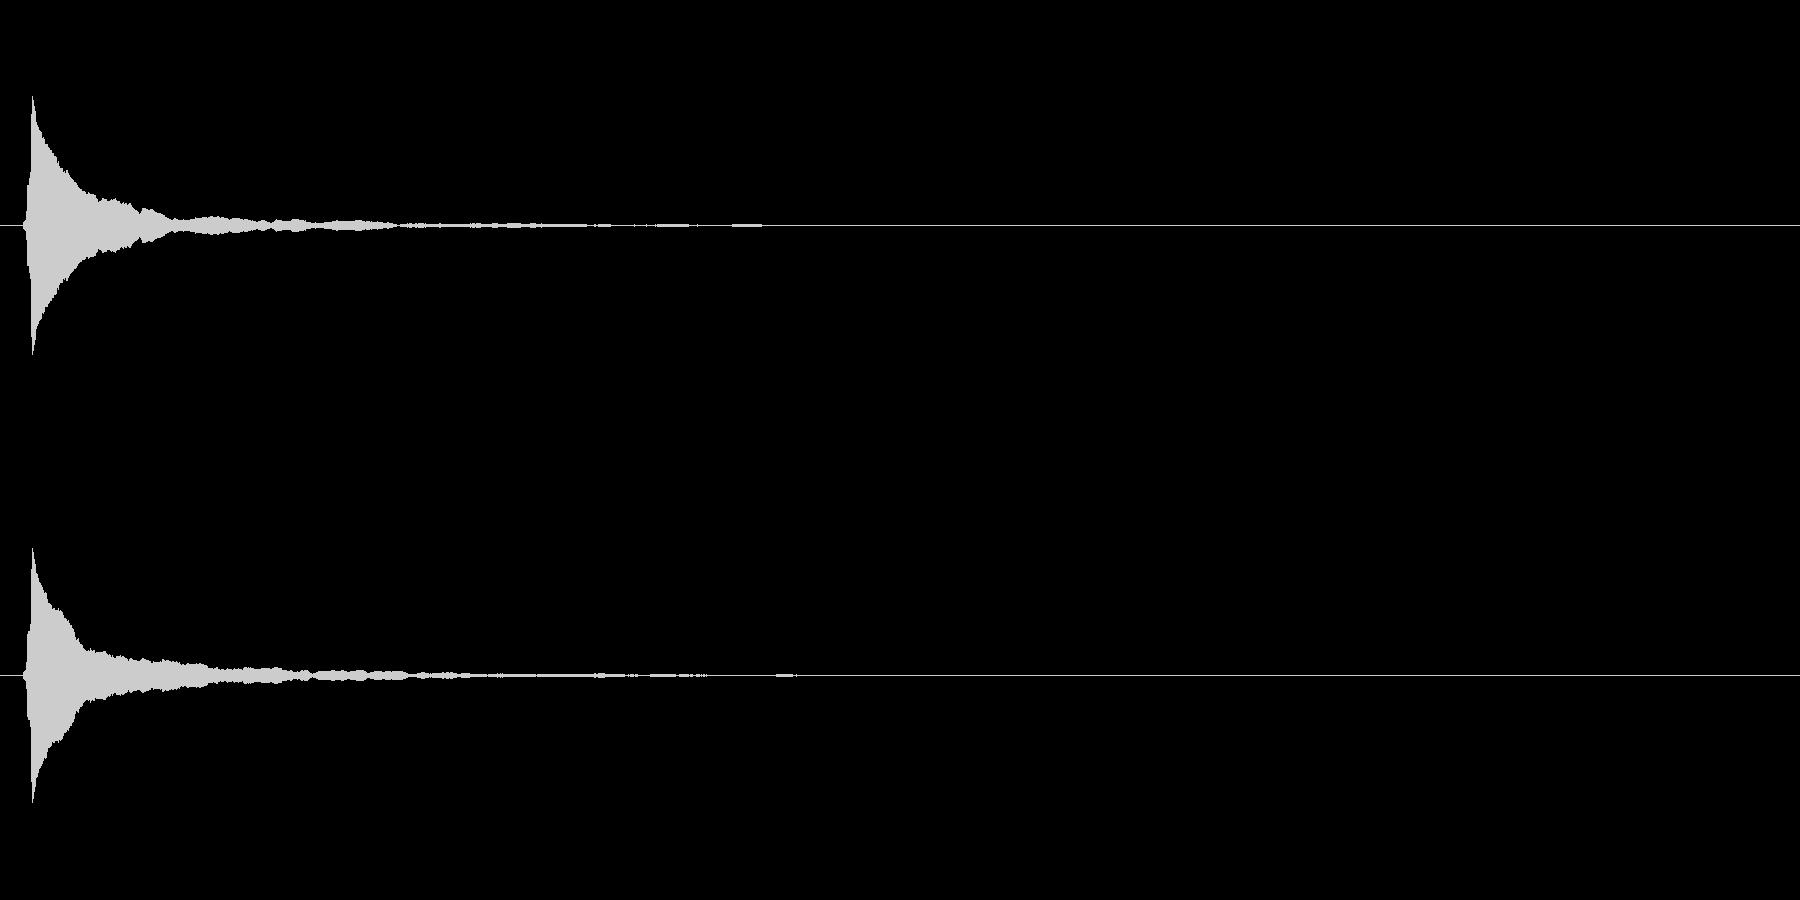 キラキラ系_072の未再生の波形